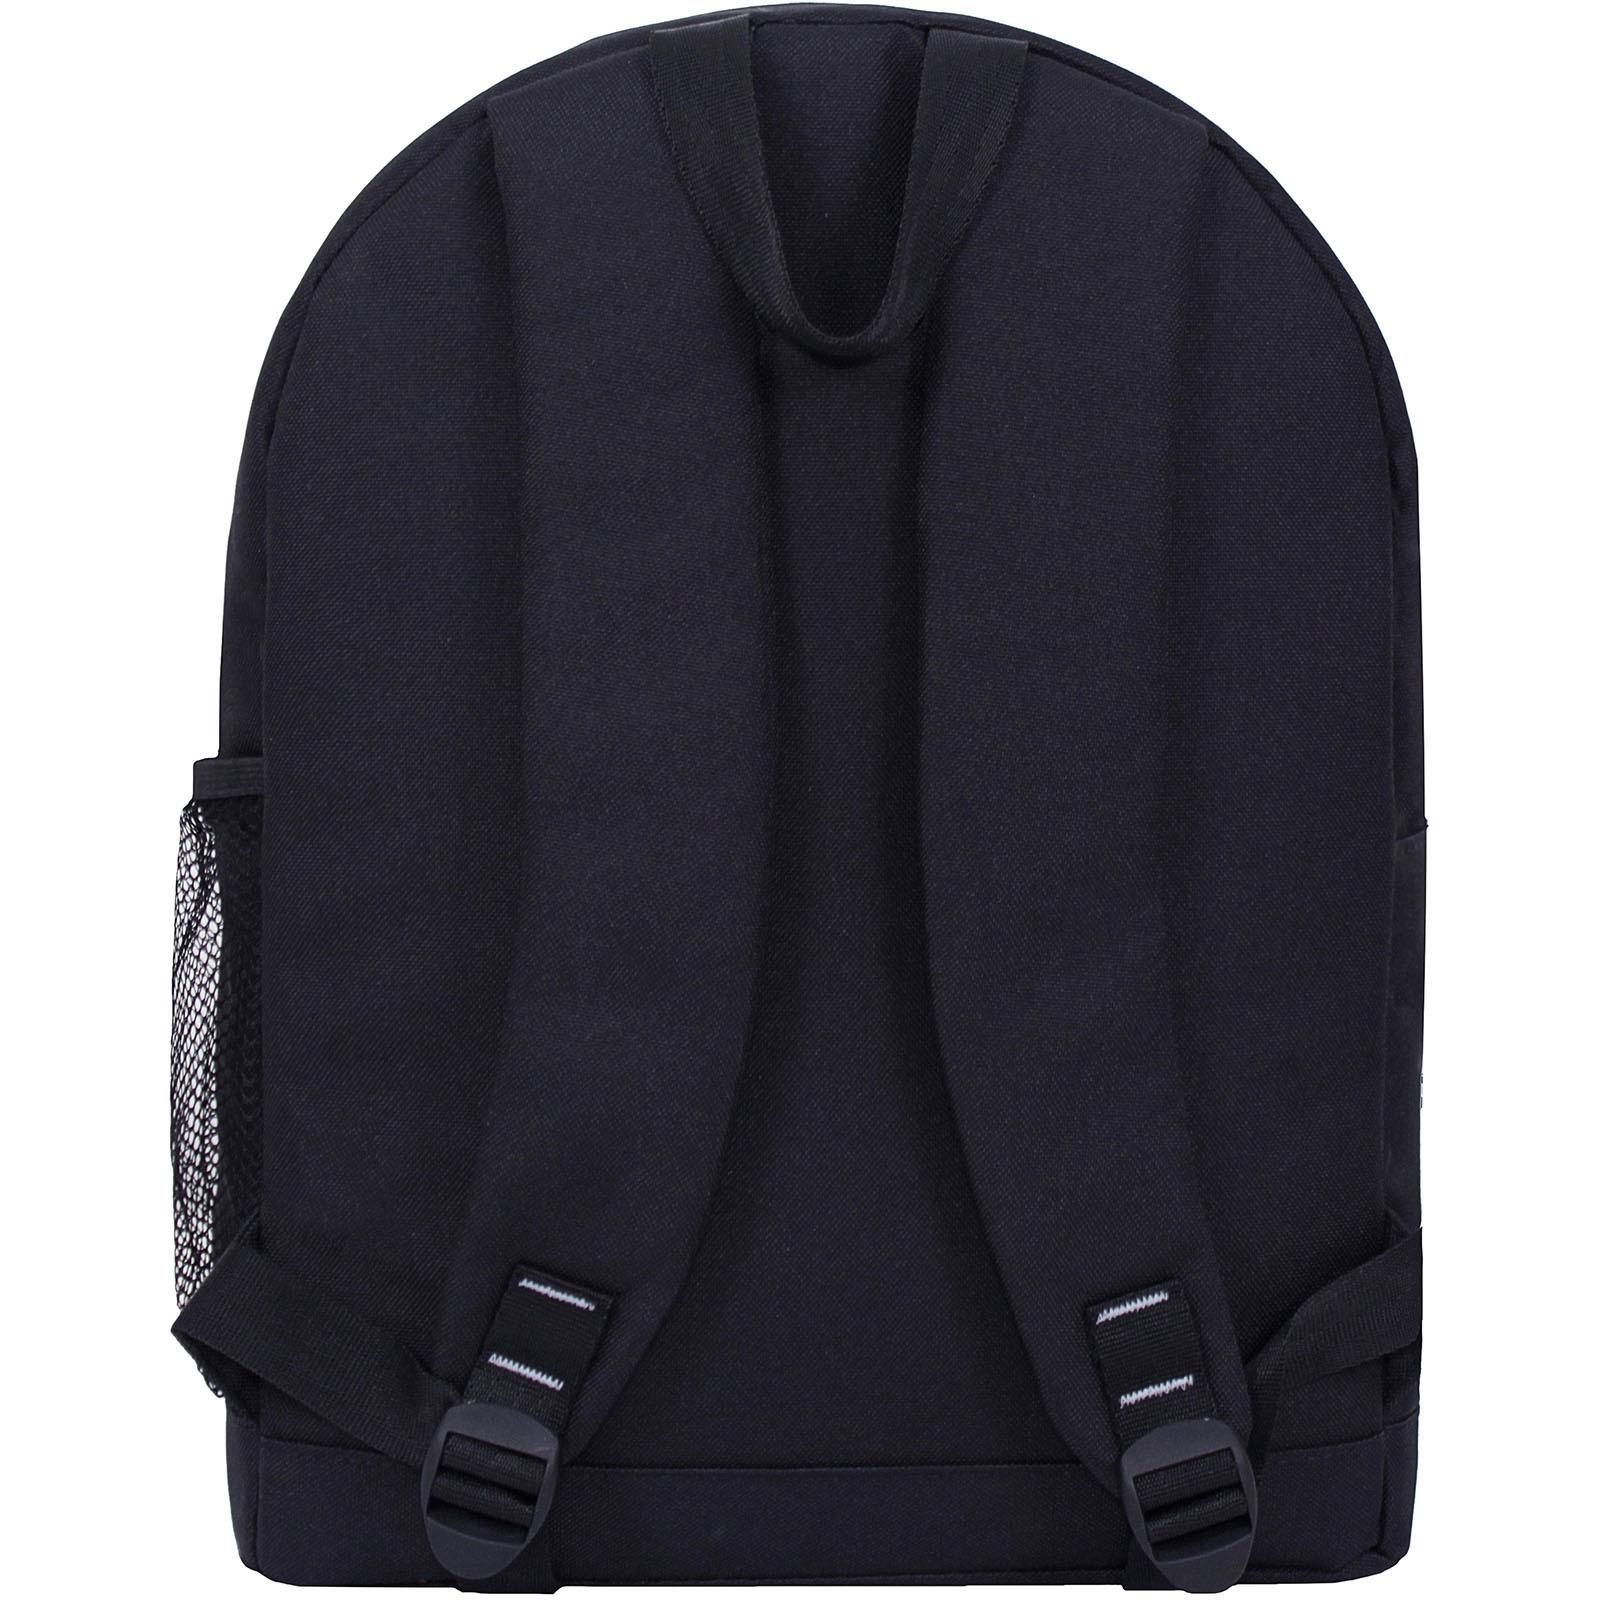 Рюкзак Bagland Молодежный W/R 17 л. Черный 760 (00533662) фото 4